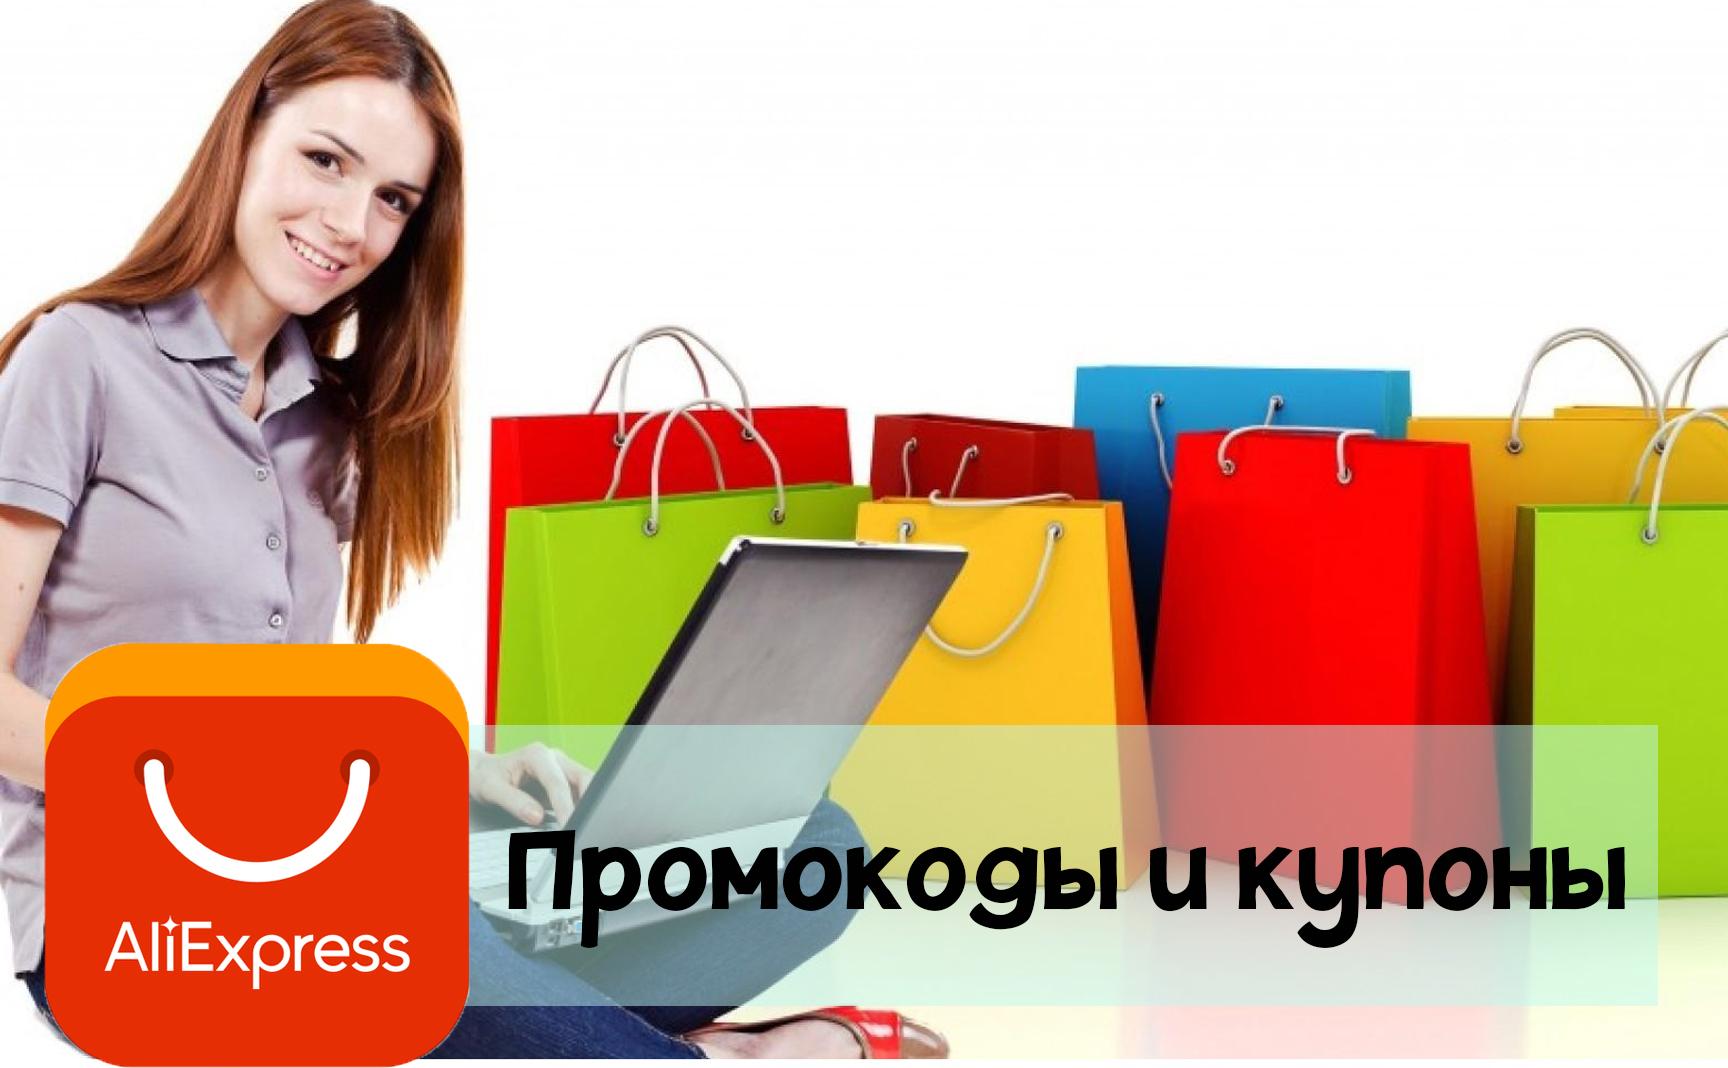 Промокоды и купоны на сайте Алиэкспресс